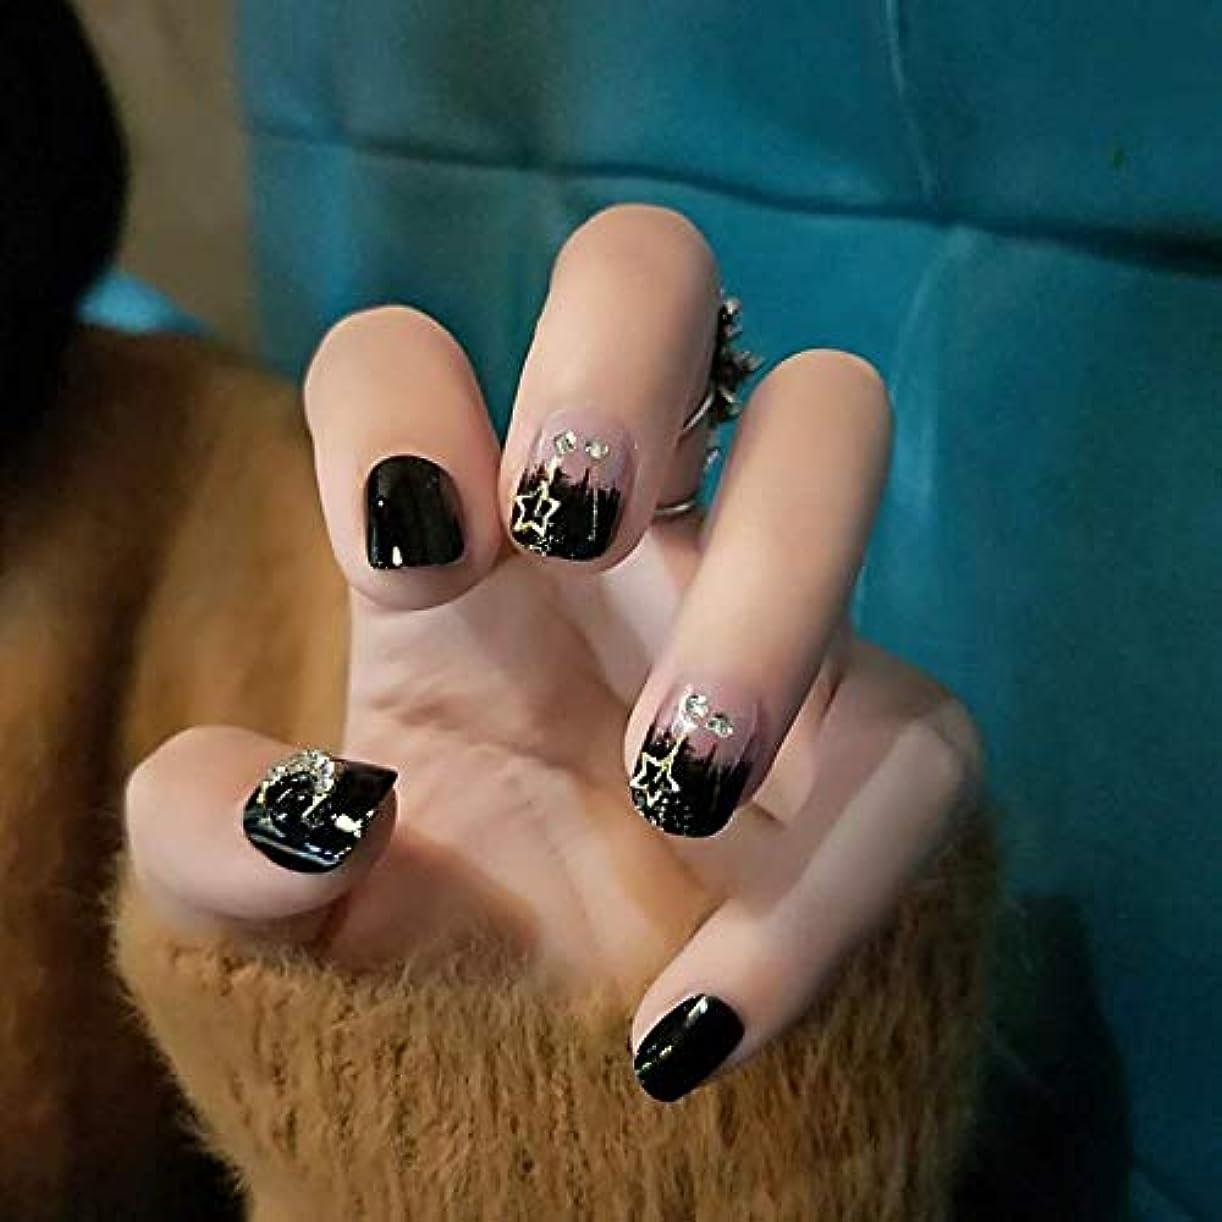 オデュッセウスホイストヒールNANNAN ネイルチップ ネイルチップ つけ爪 付け爪 つけ方簡単 ネイル デコネイルコレクション シール ハロウィン 母の日 パーティ 人気 毎日変身 24枚セット